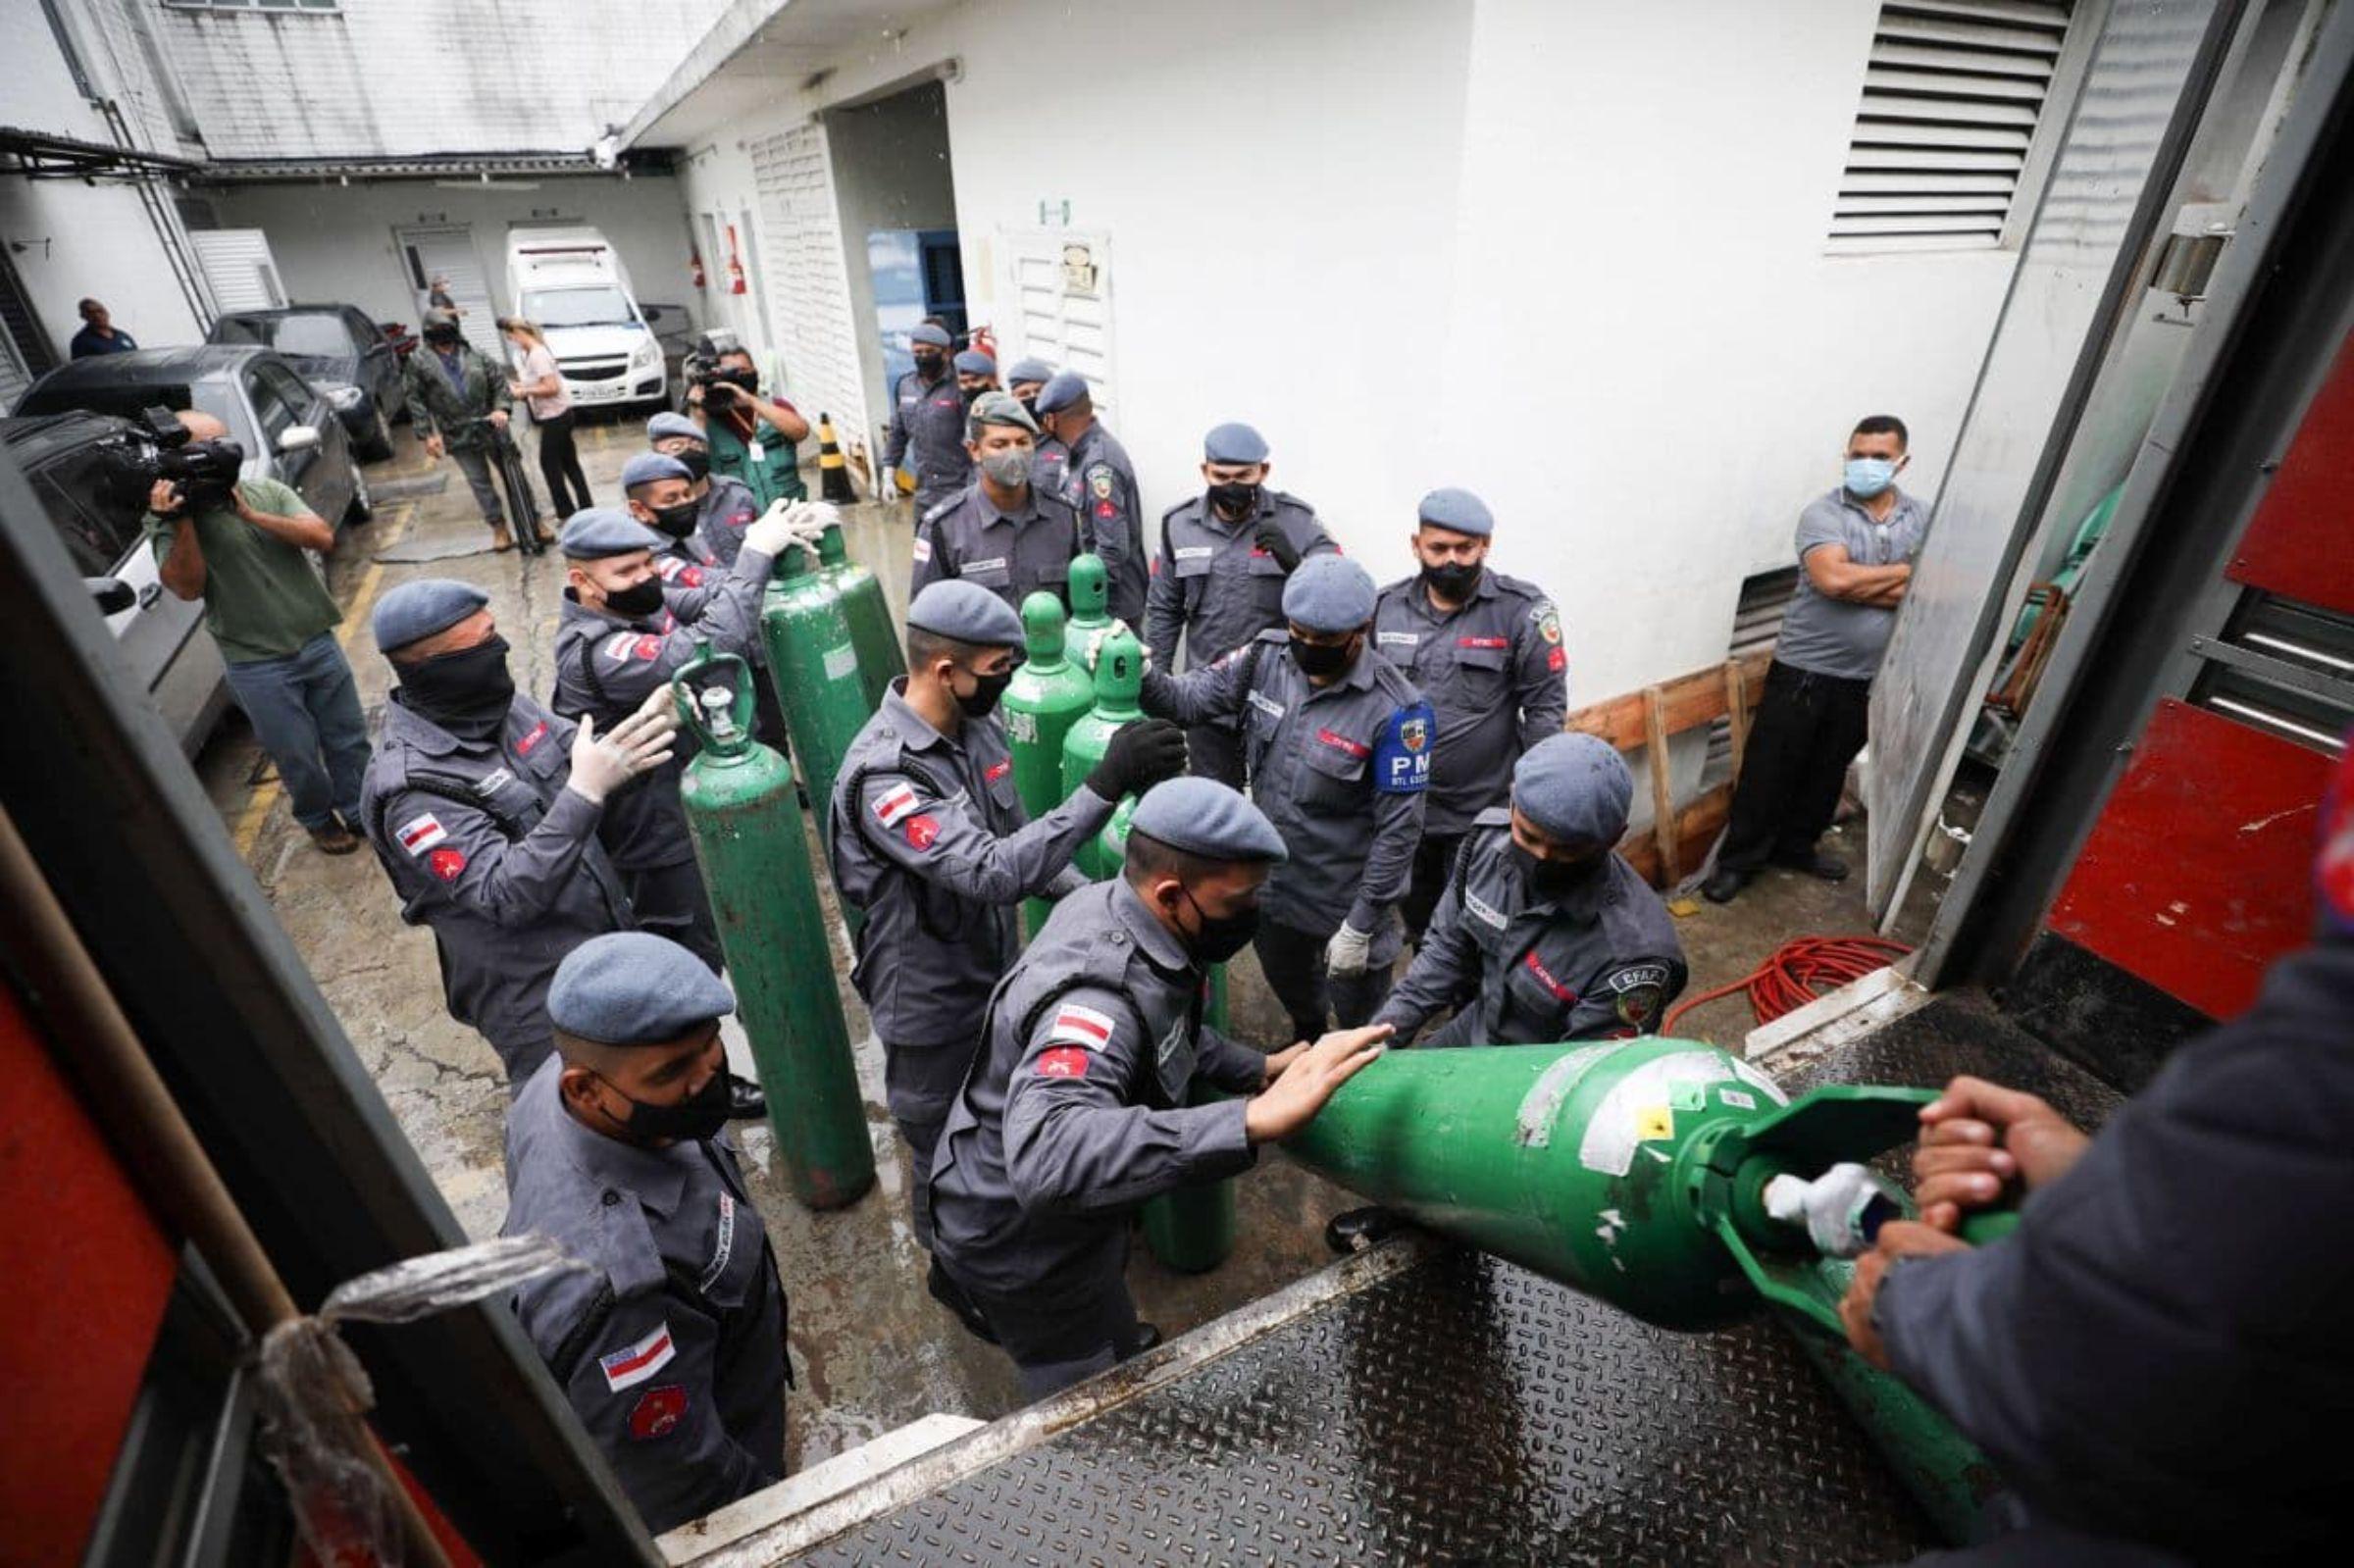 'Operação Gratidão': Governo do Amazonas vai enviar parte de cilindros recebidos de doações para outros estados